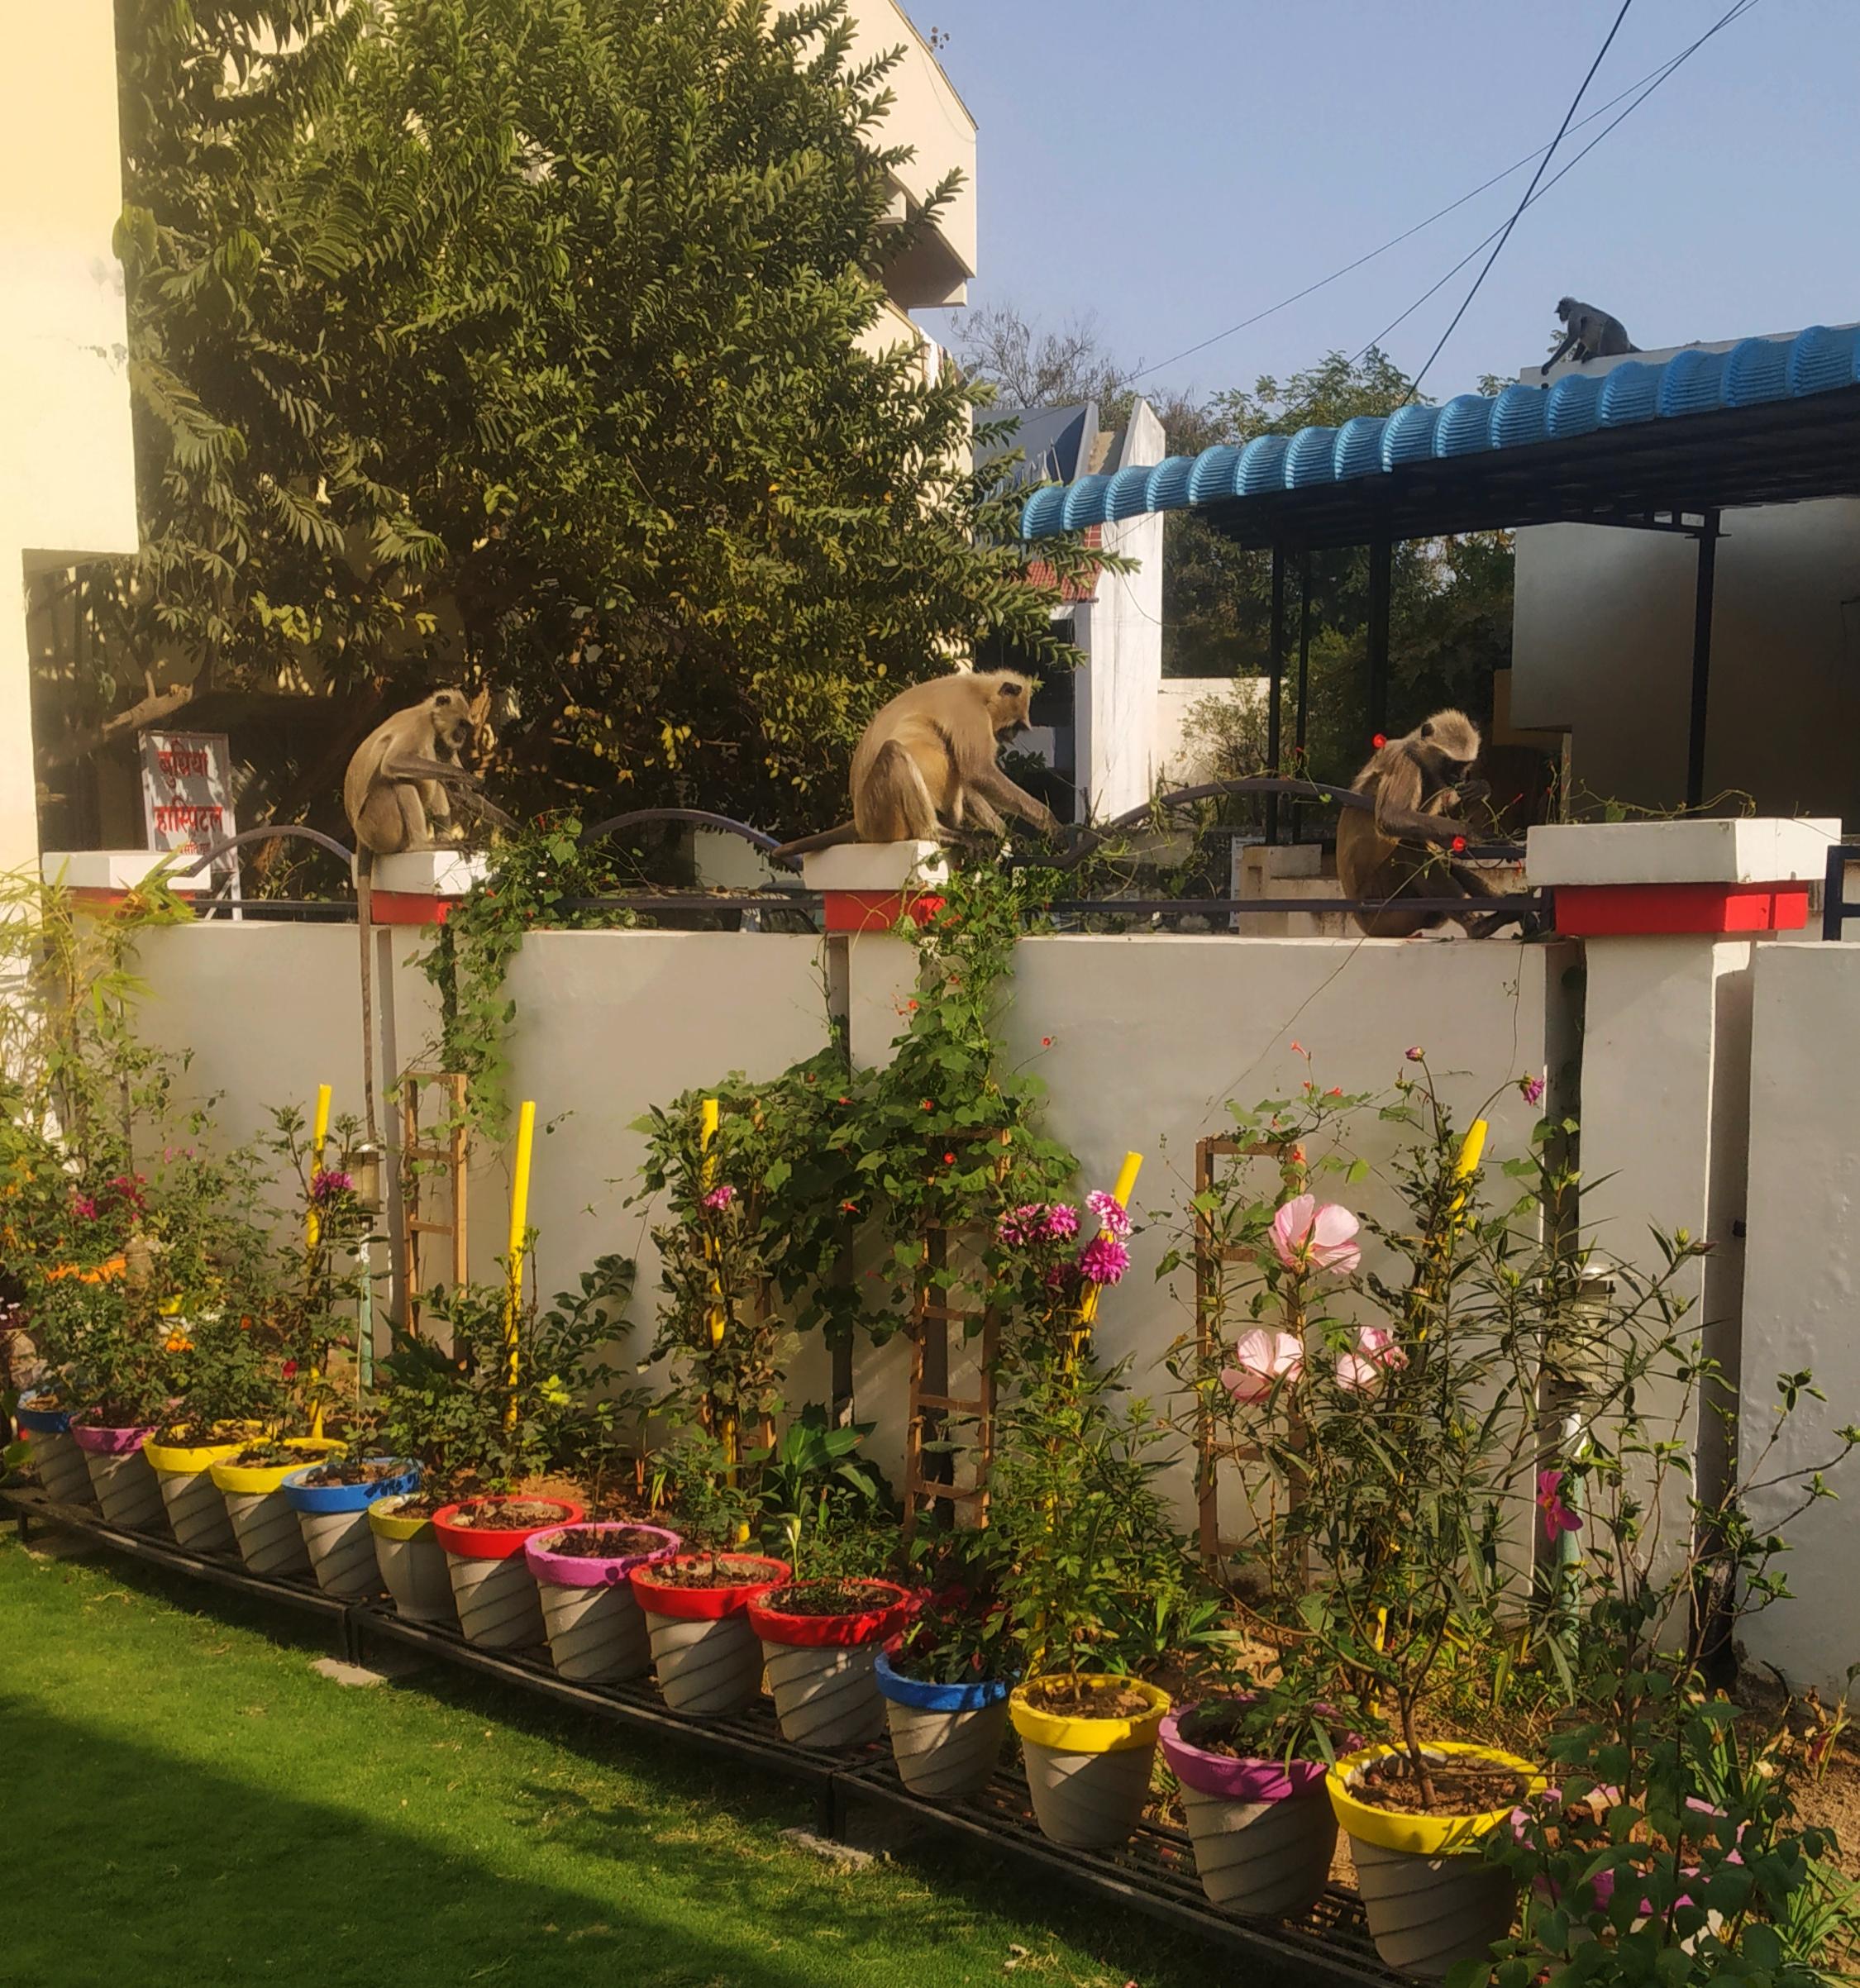 Monkeys near flower pots